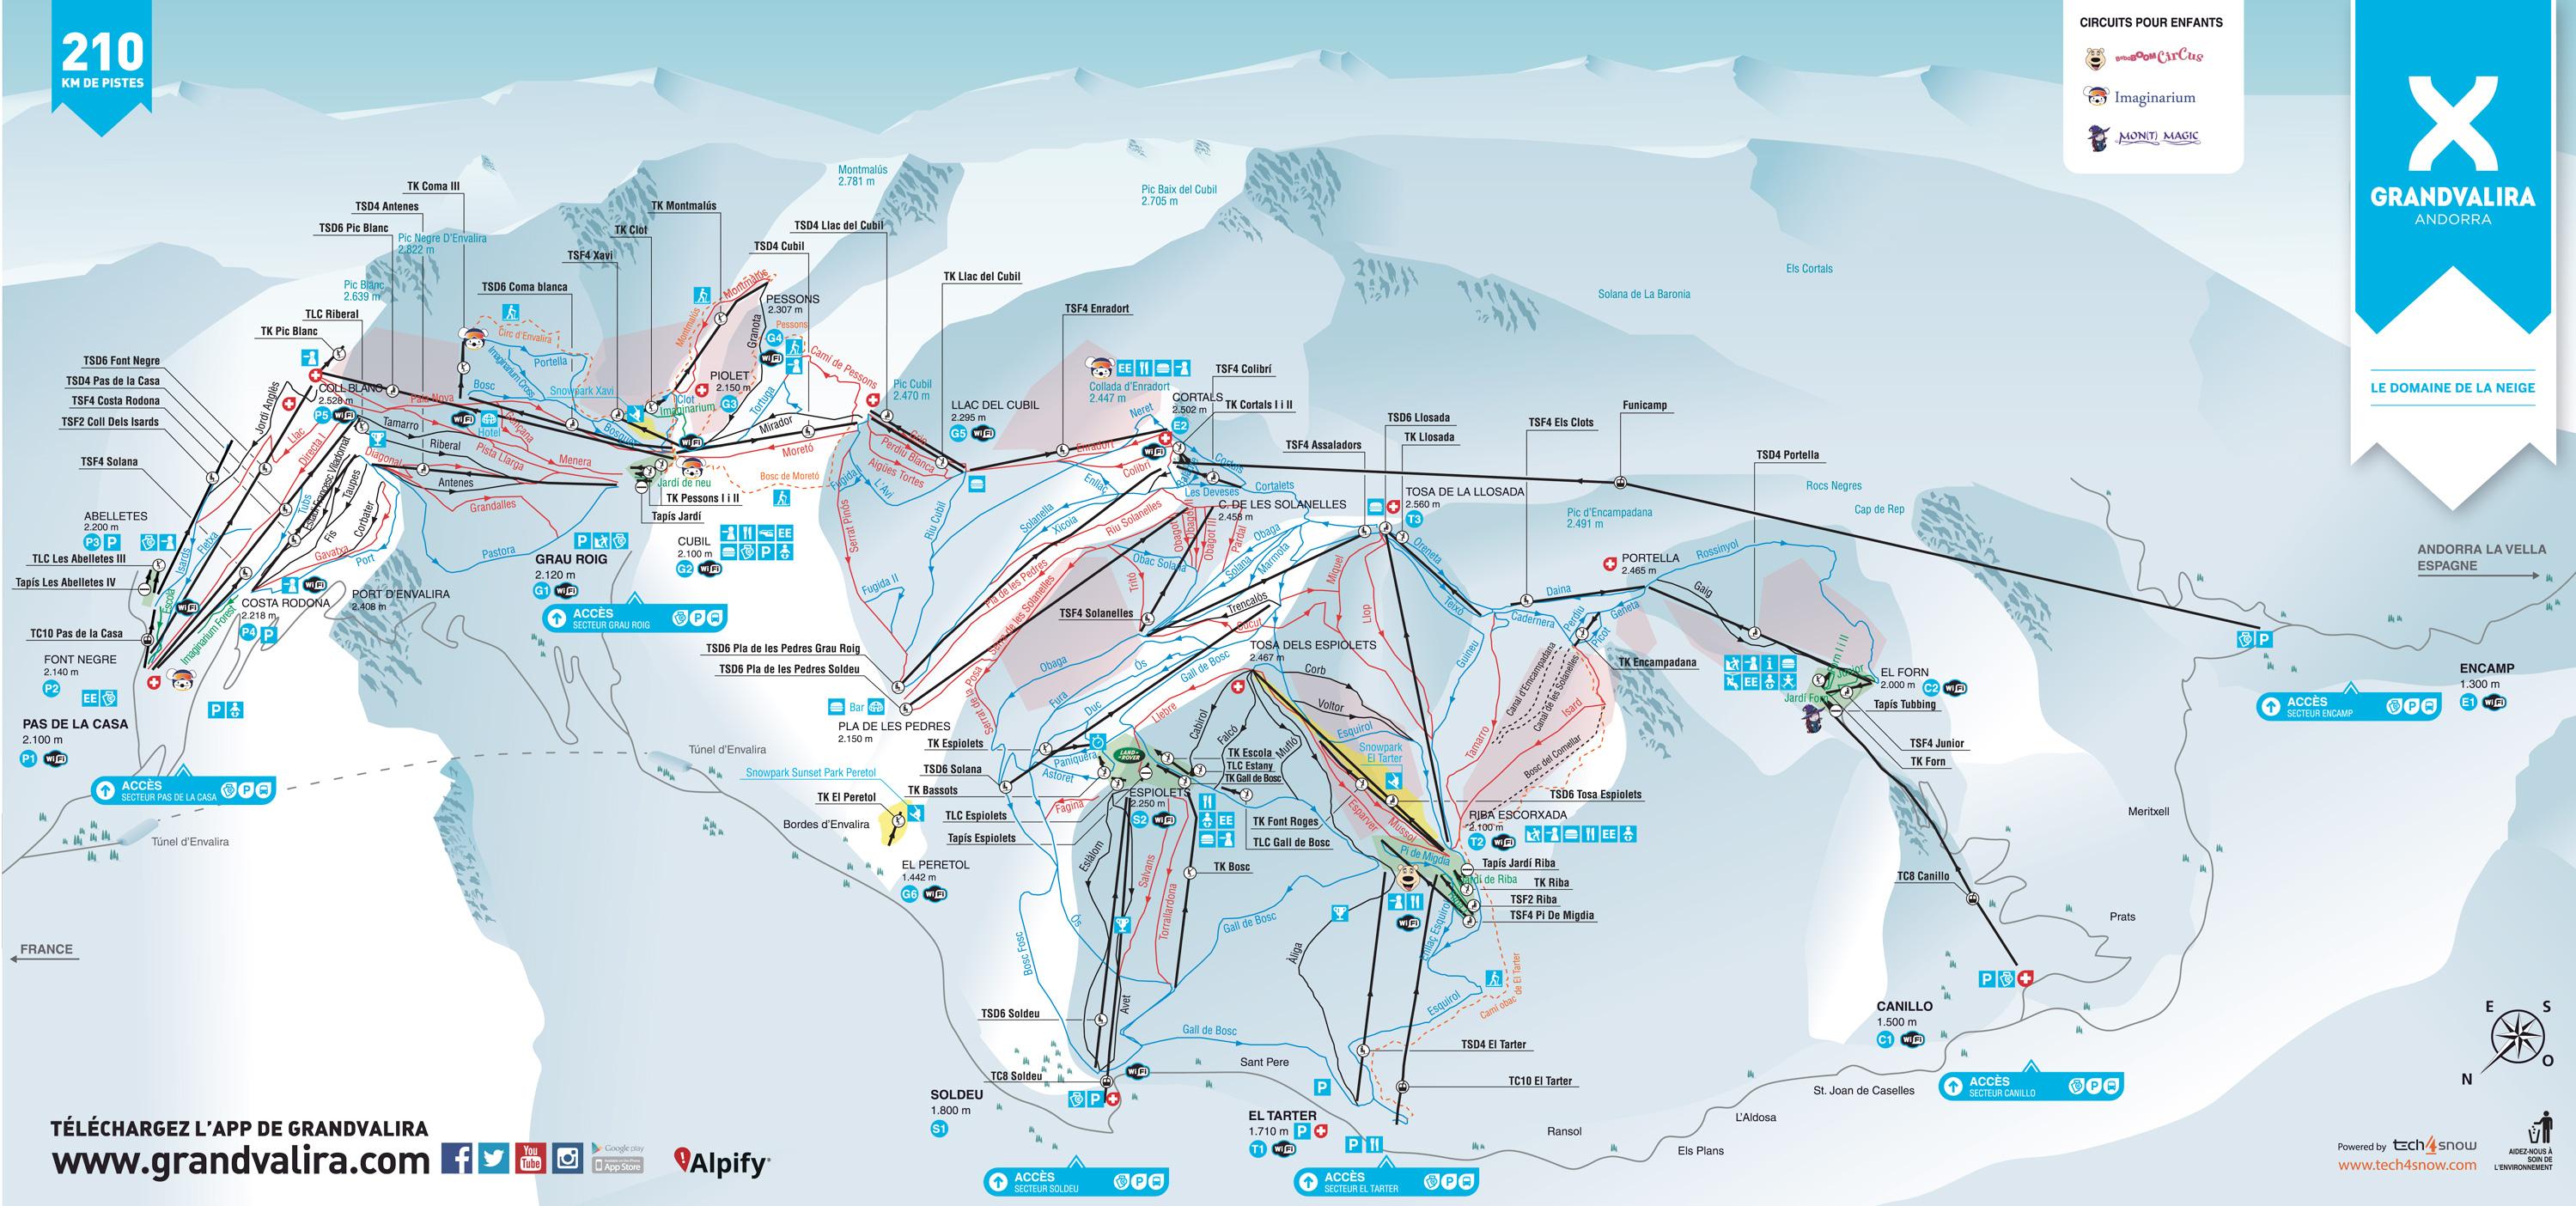 滑雪道地图